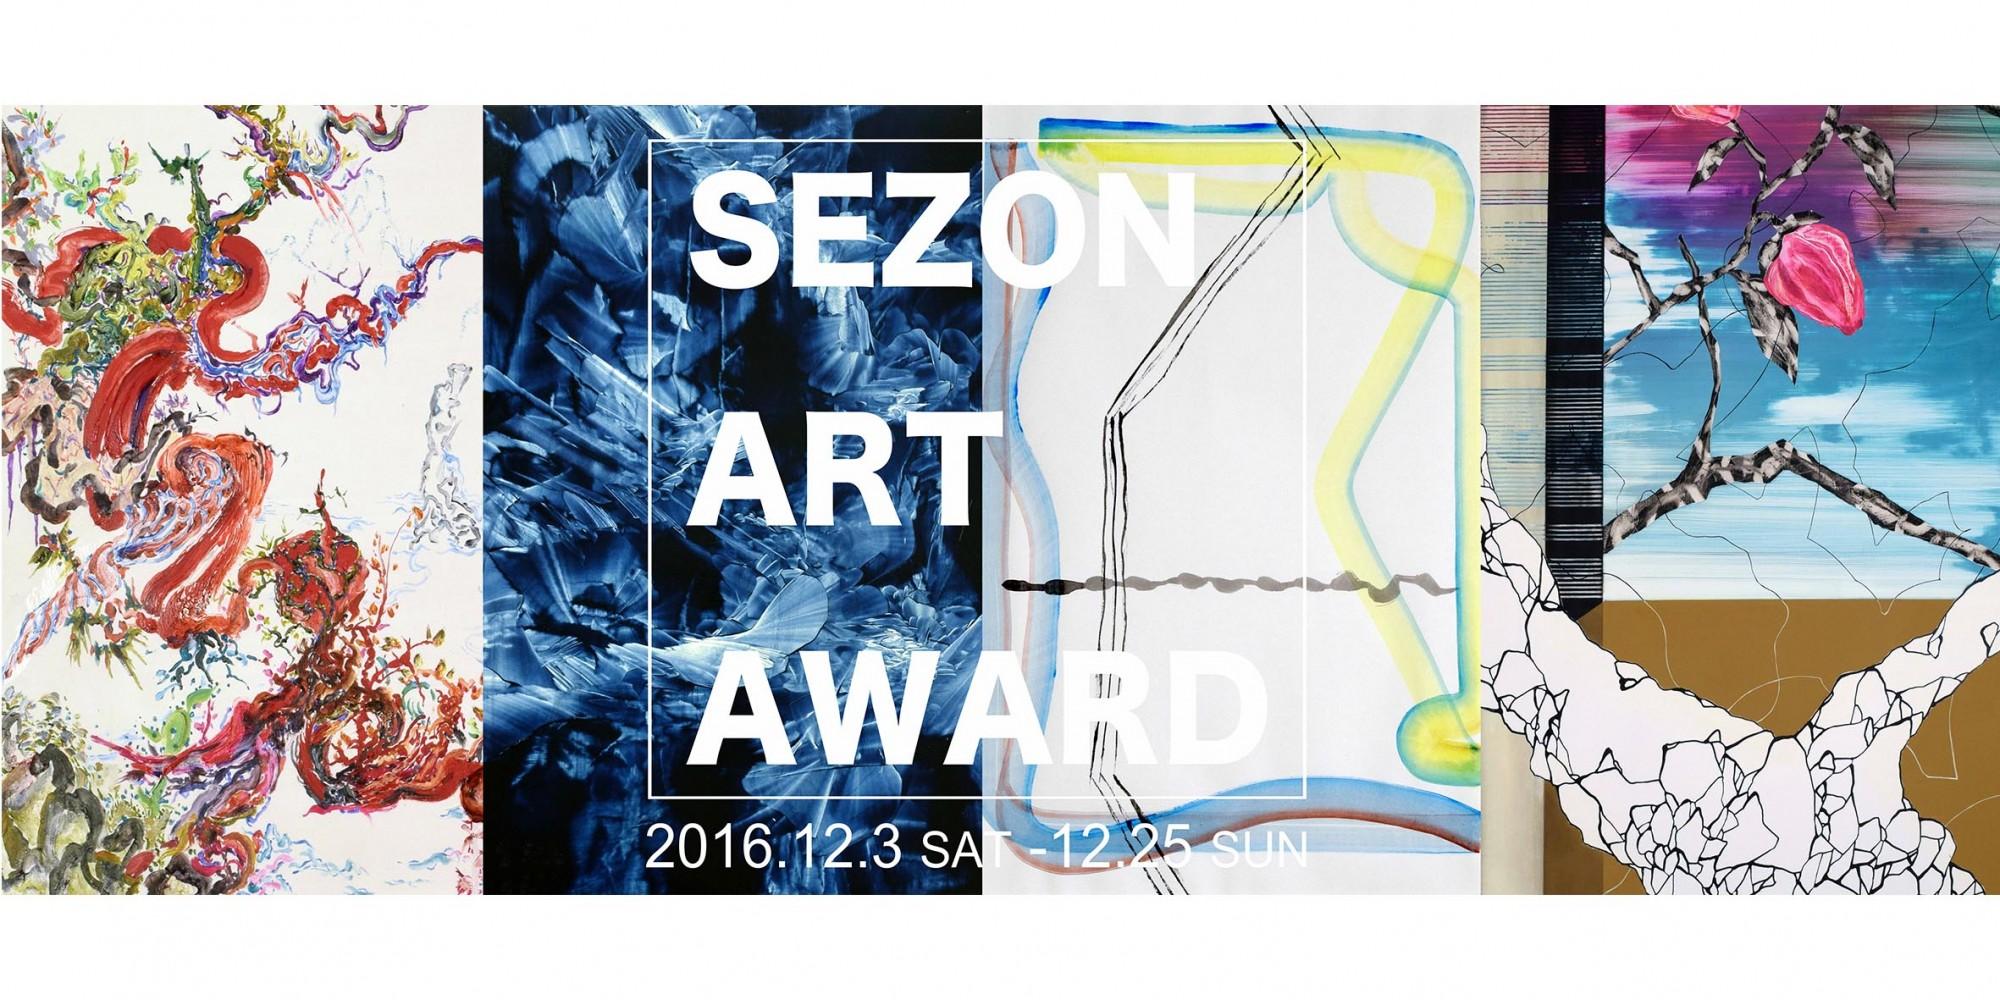 世界へ躍進!SEZON ART AWARD 2016【今週のおすすめアート】